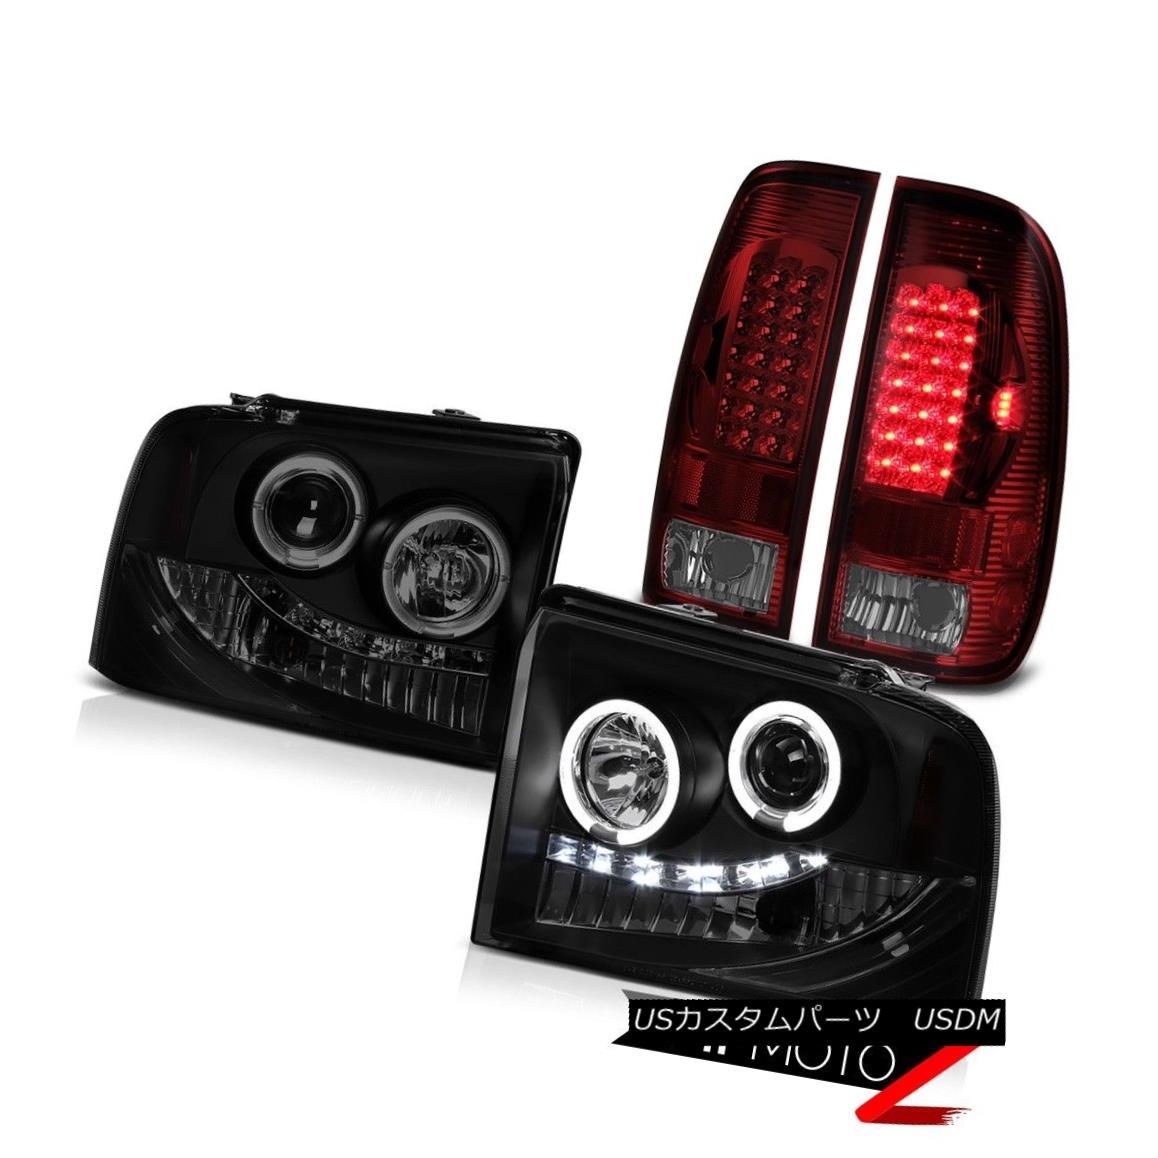 テールライト Dual Halo Headlight Smoke Rear Tail Light LED Ford F250 TurboDiesel Lariat 05-07 デュアルヘイローヘッドライトスモークリアテールライトLEDフォードF250ターボディーゼルラリアート05-07